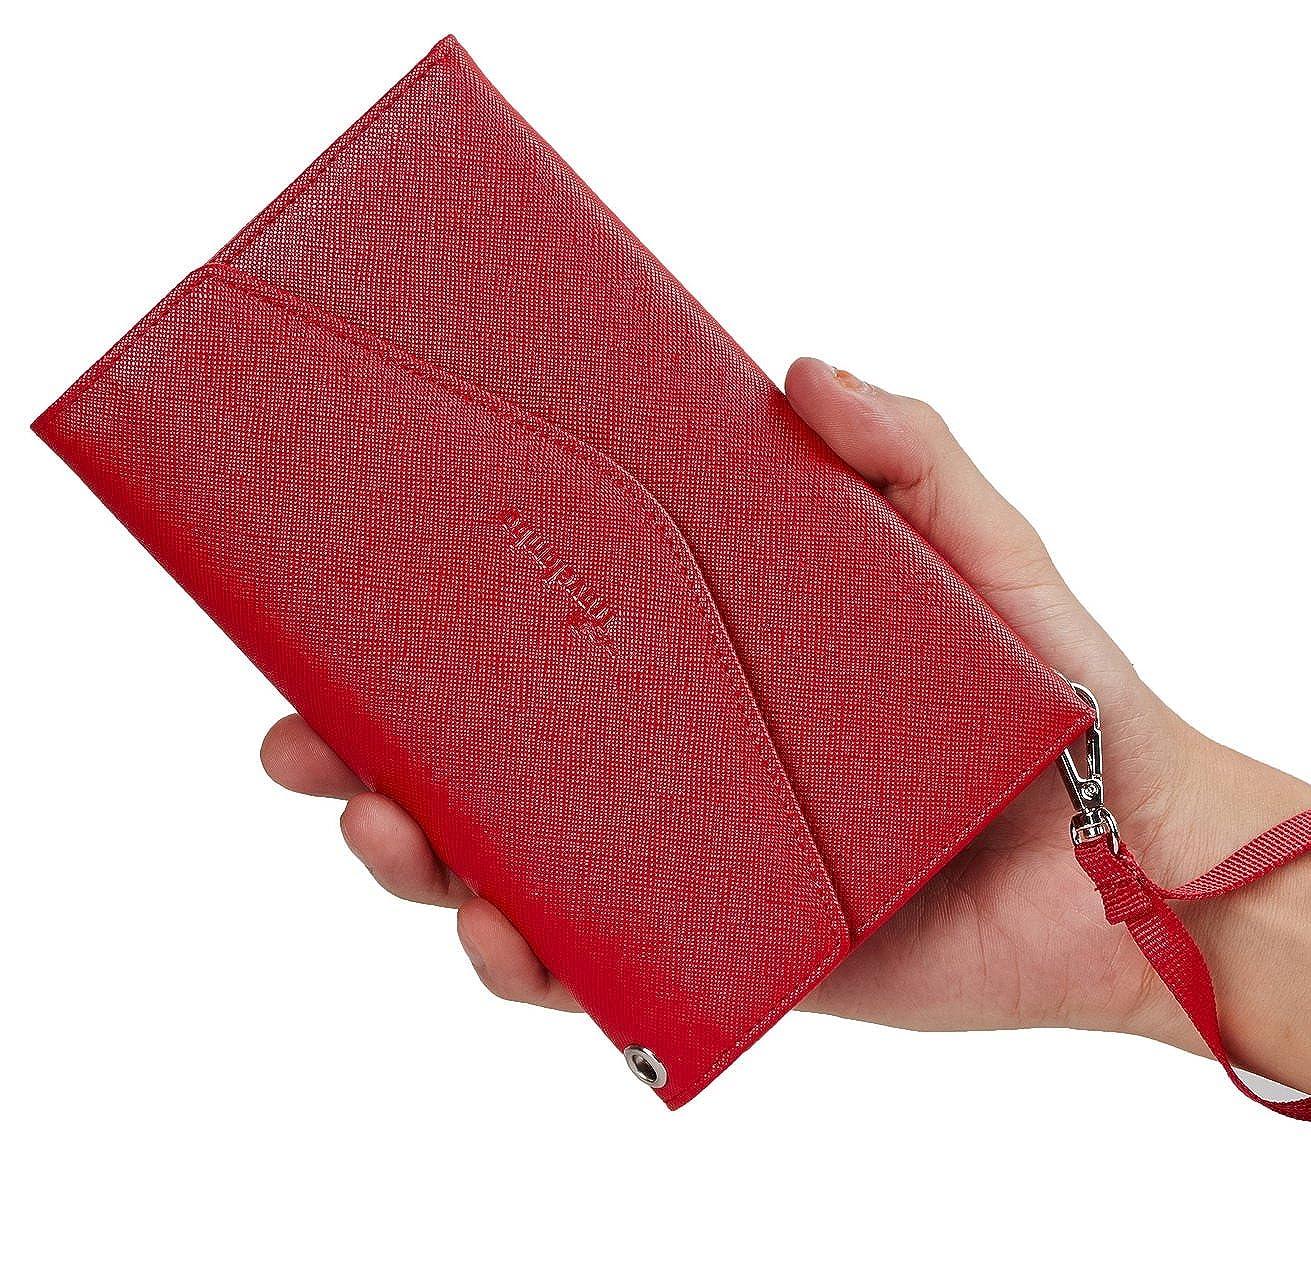 Travelambo Rfid Blocking Passport Holder Wallet /& Travel Wallet Envelope Various Colors tra703